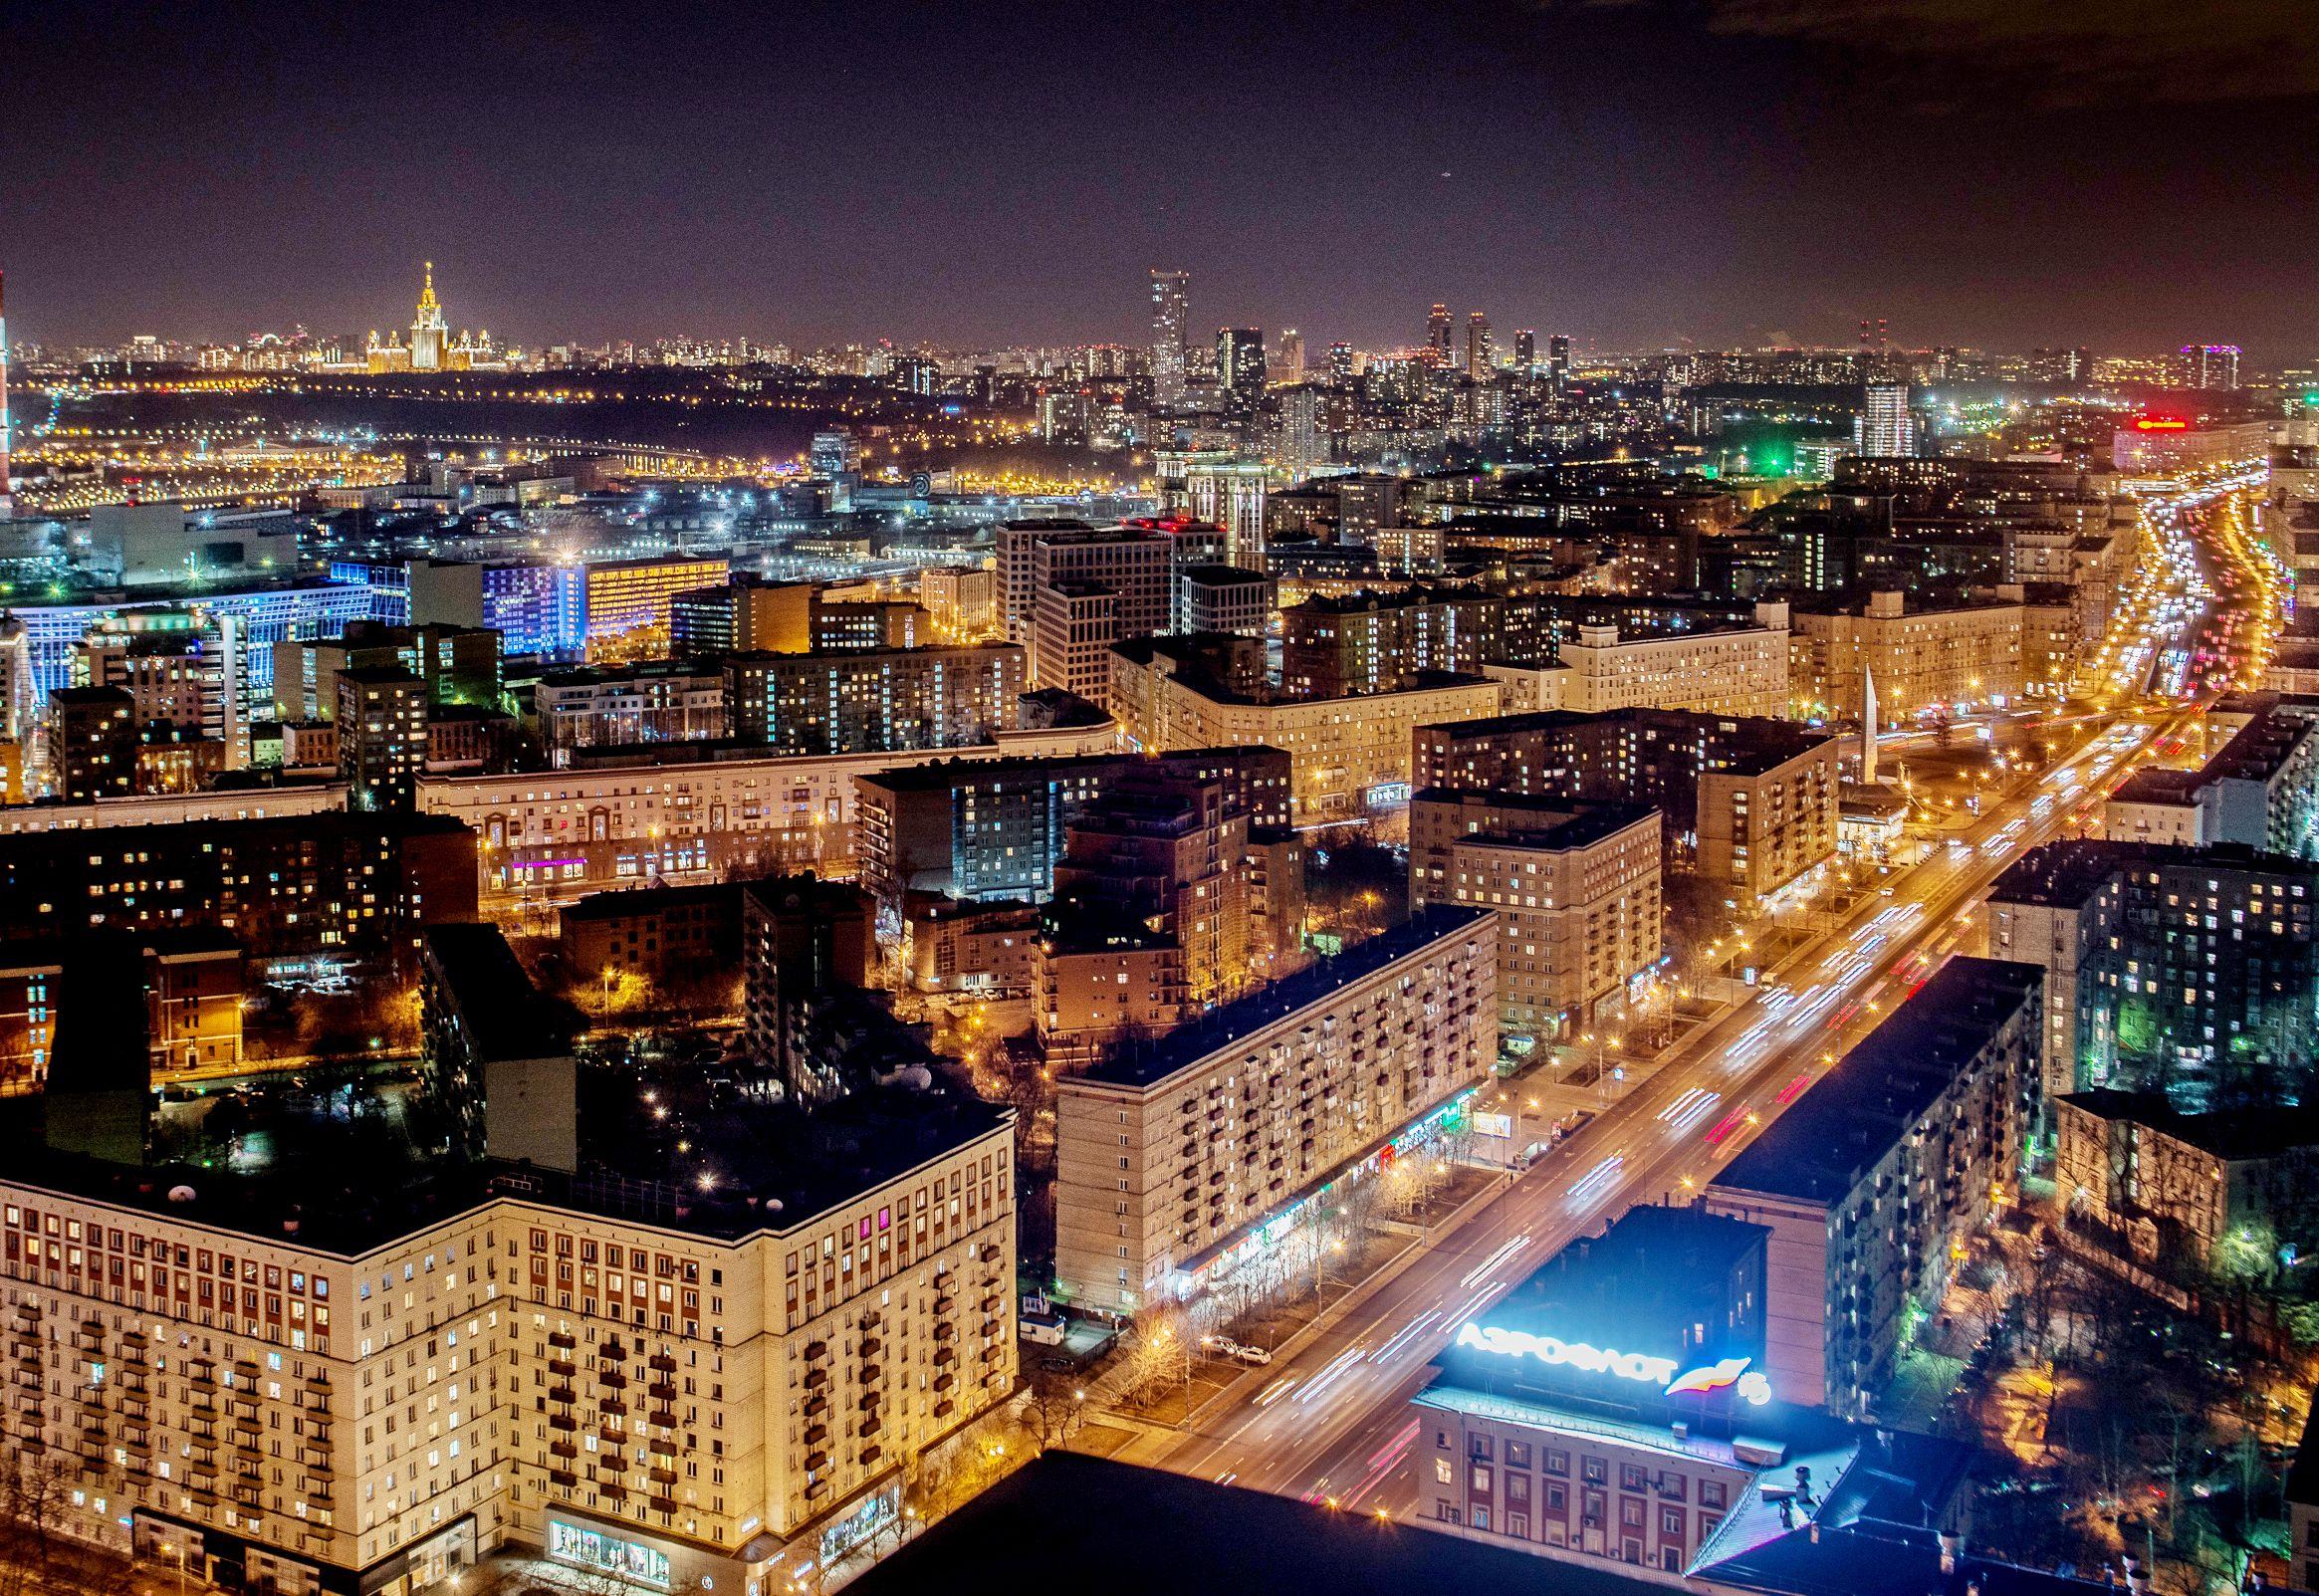 Москва вошла в ТОП-5 самых освещенных городов мира